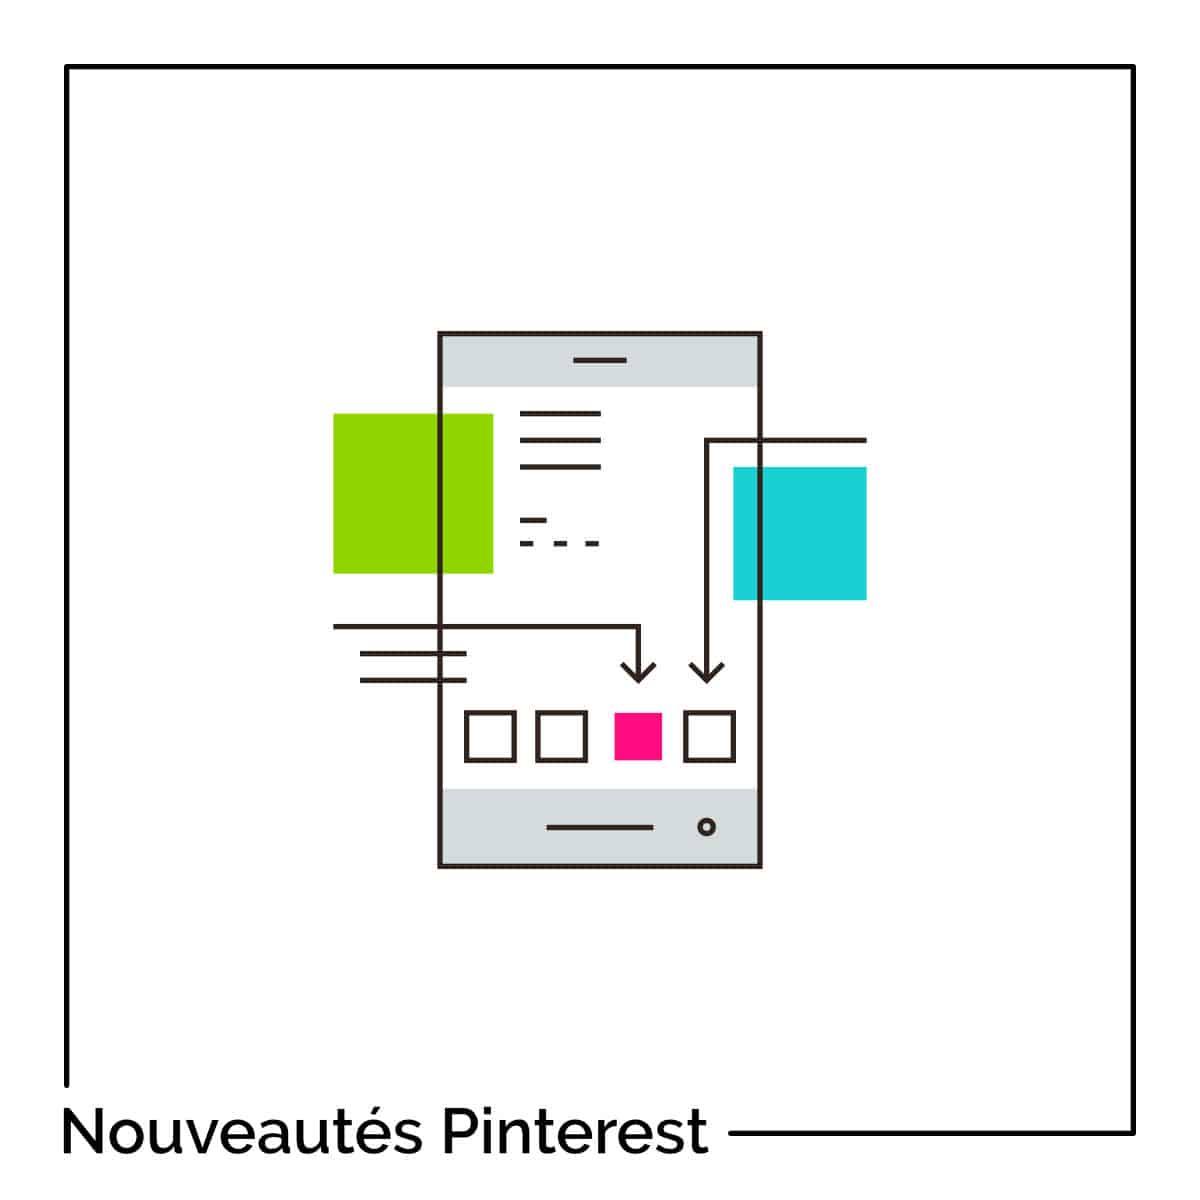 La nouvelle interface Pinterest améliore l'expérience utilisateur !